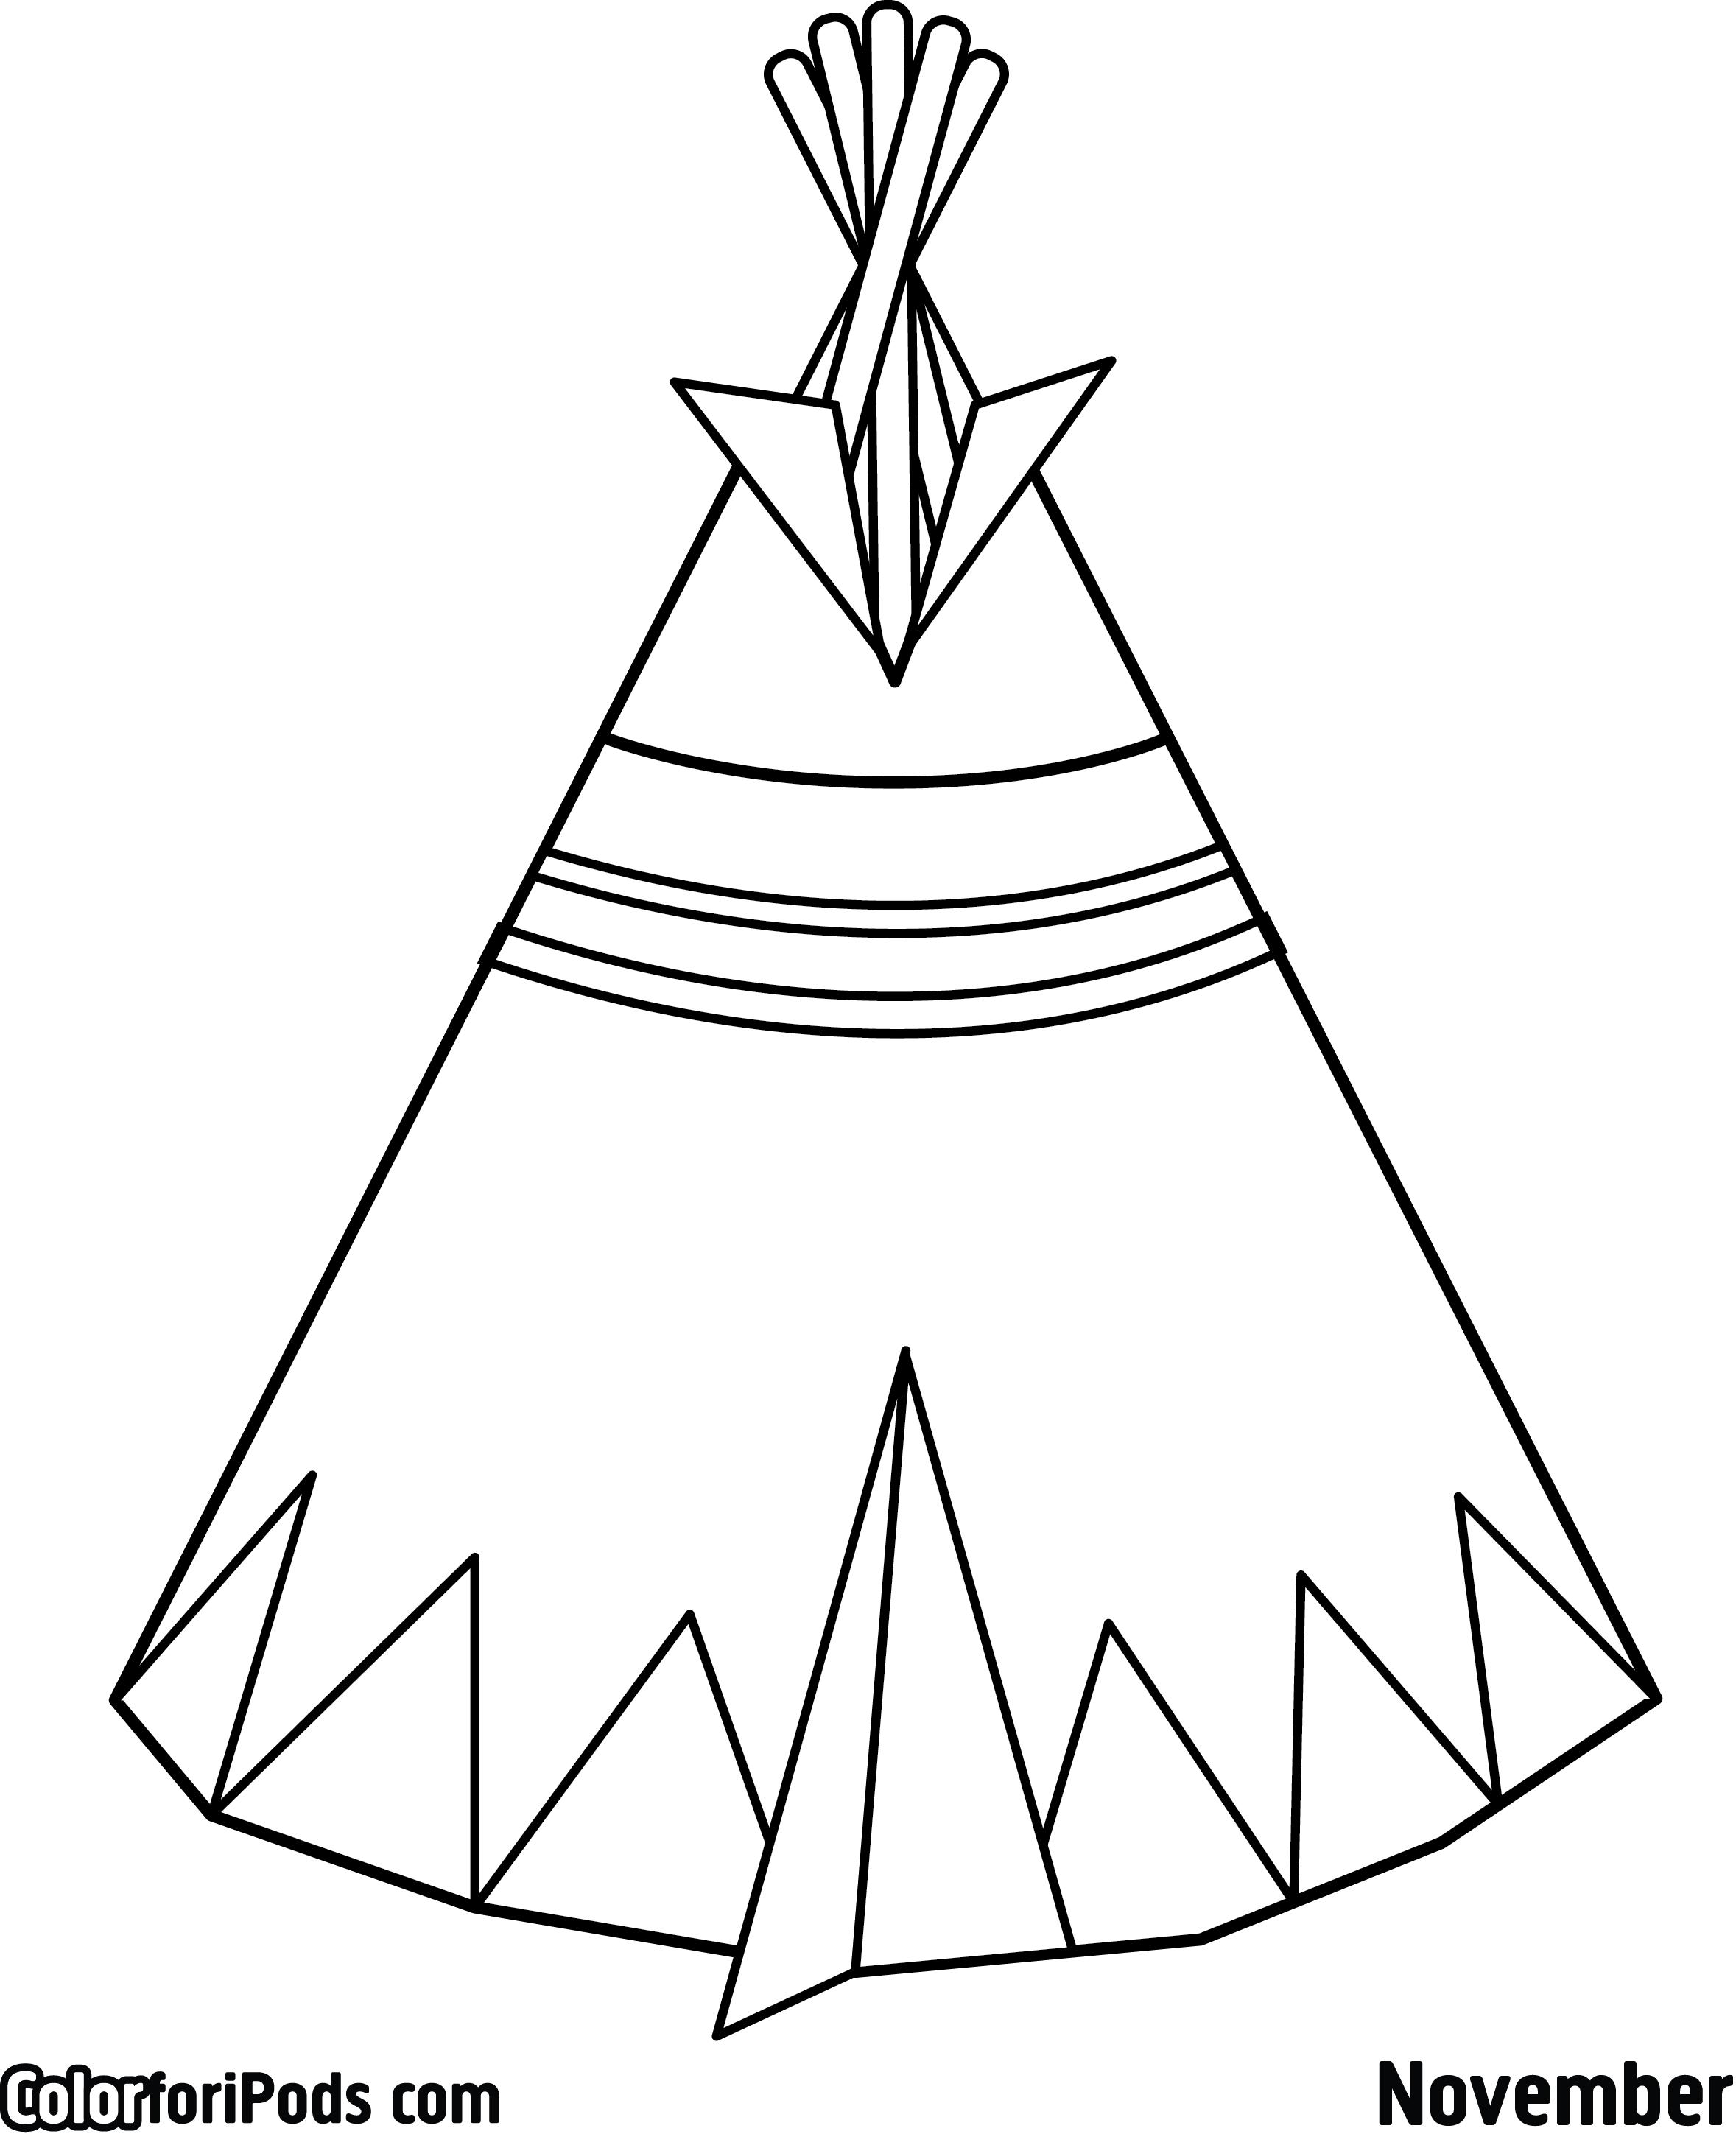 Tipi Drawing At Getdrawings